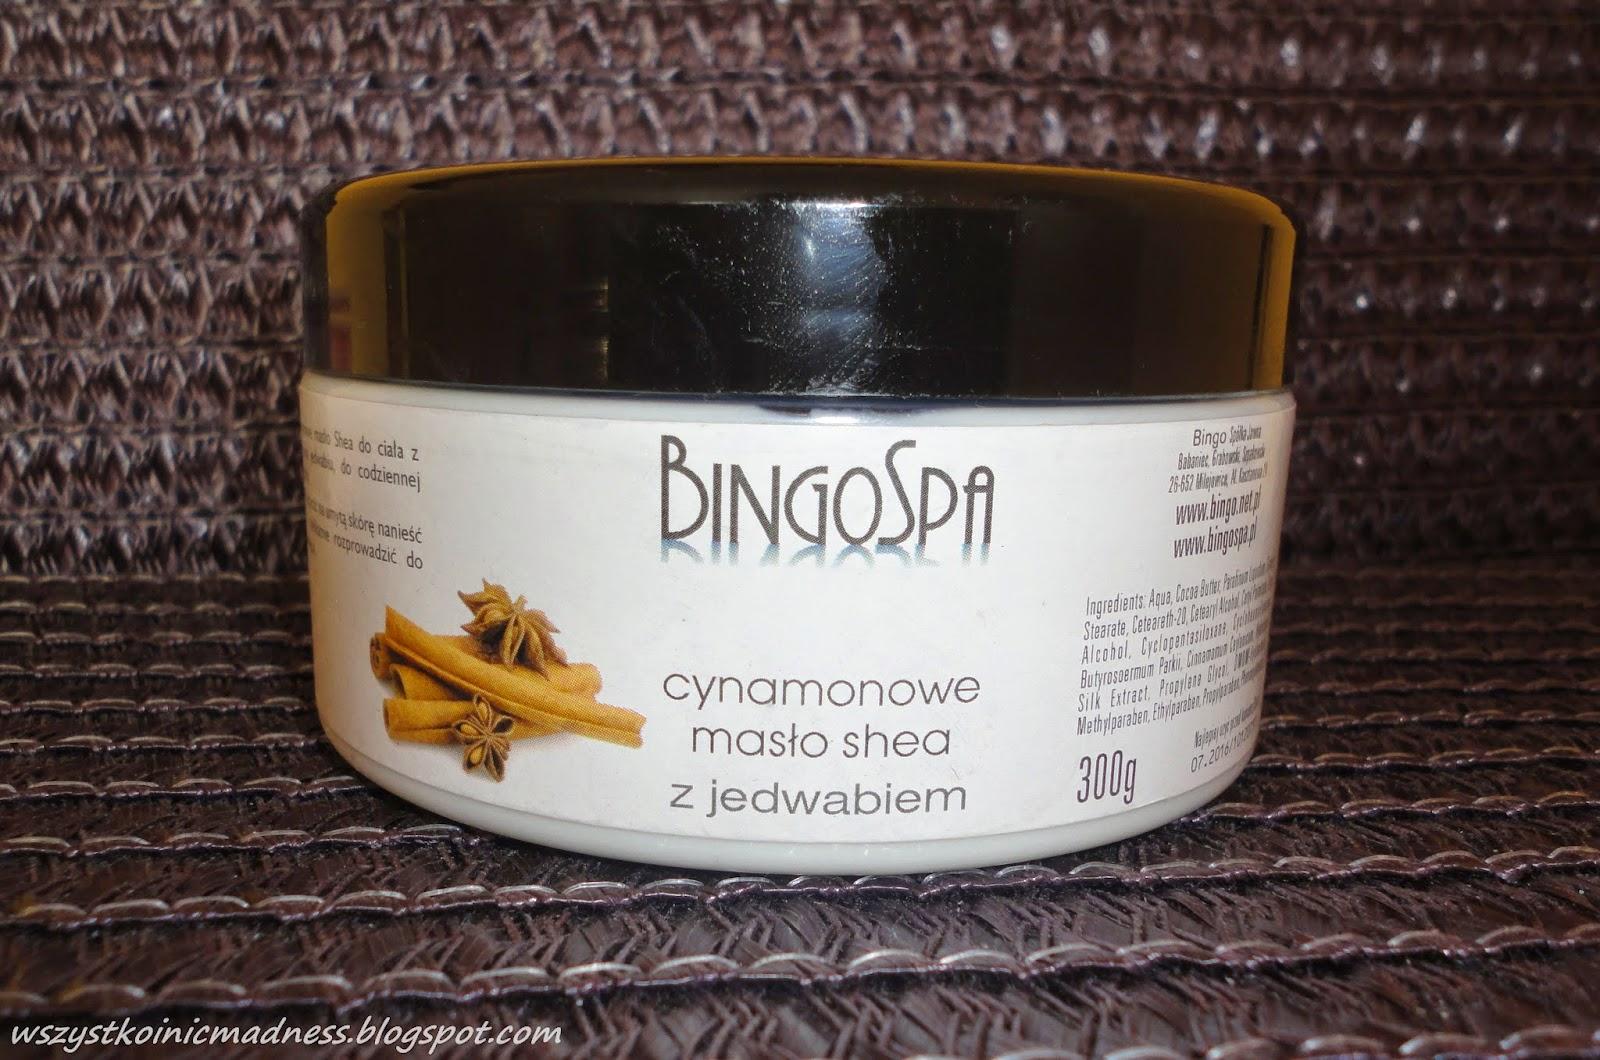 BingoSpa cynamonowe masło shea z jedwabiem